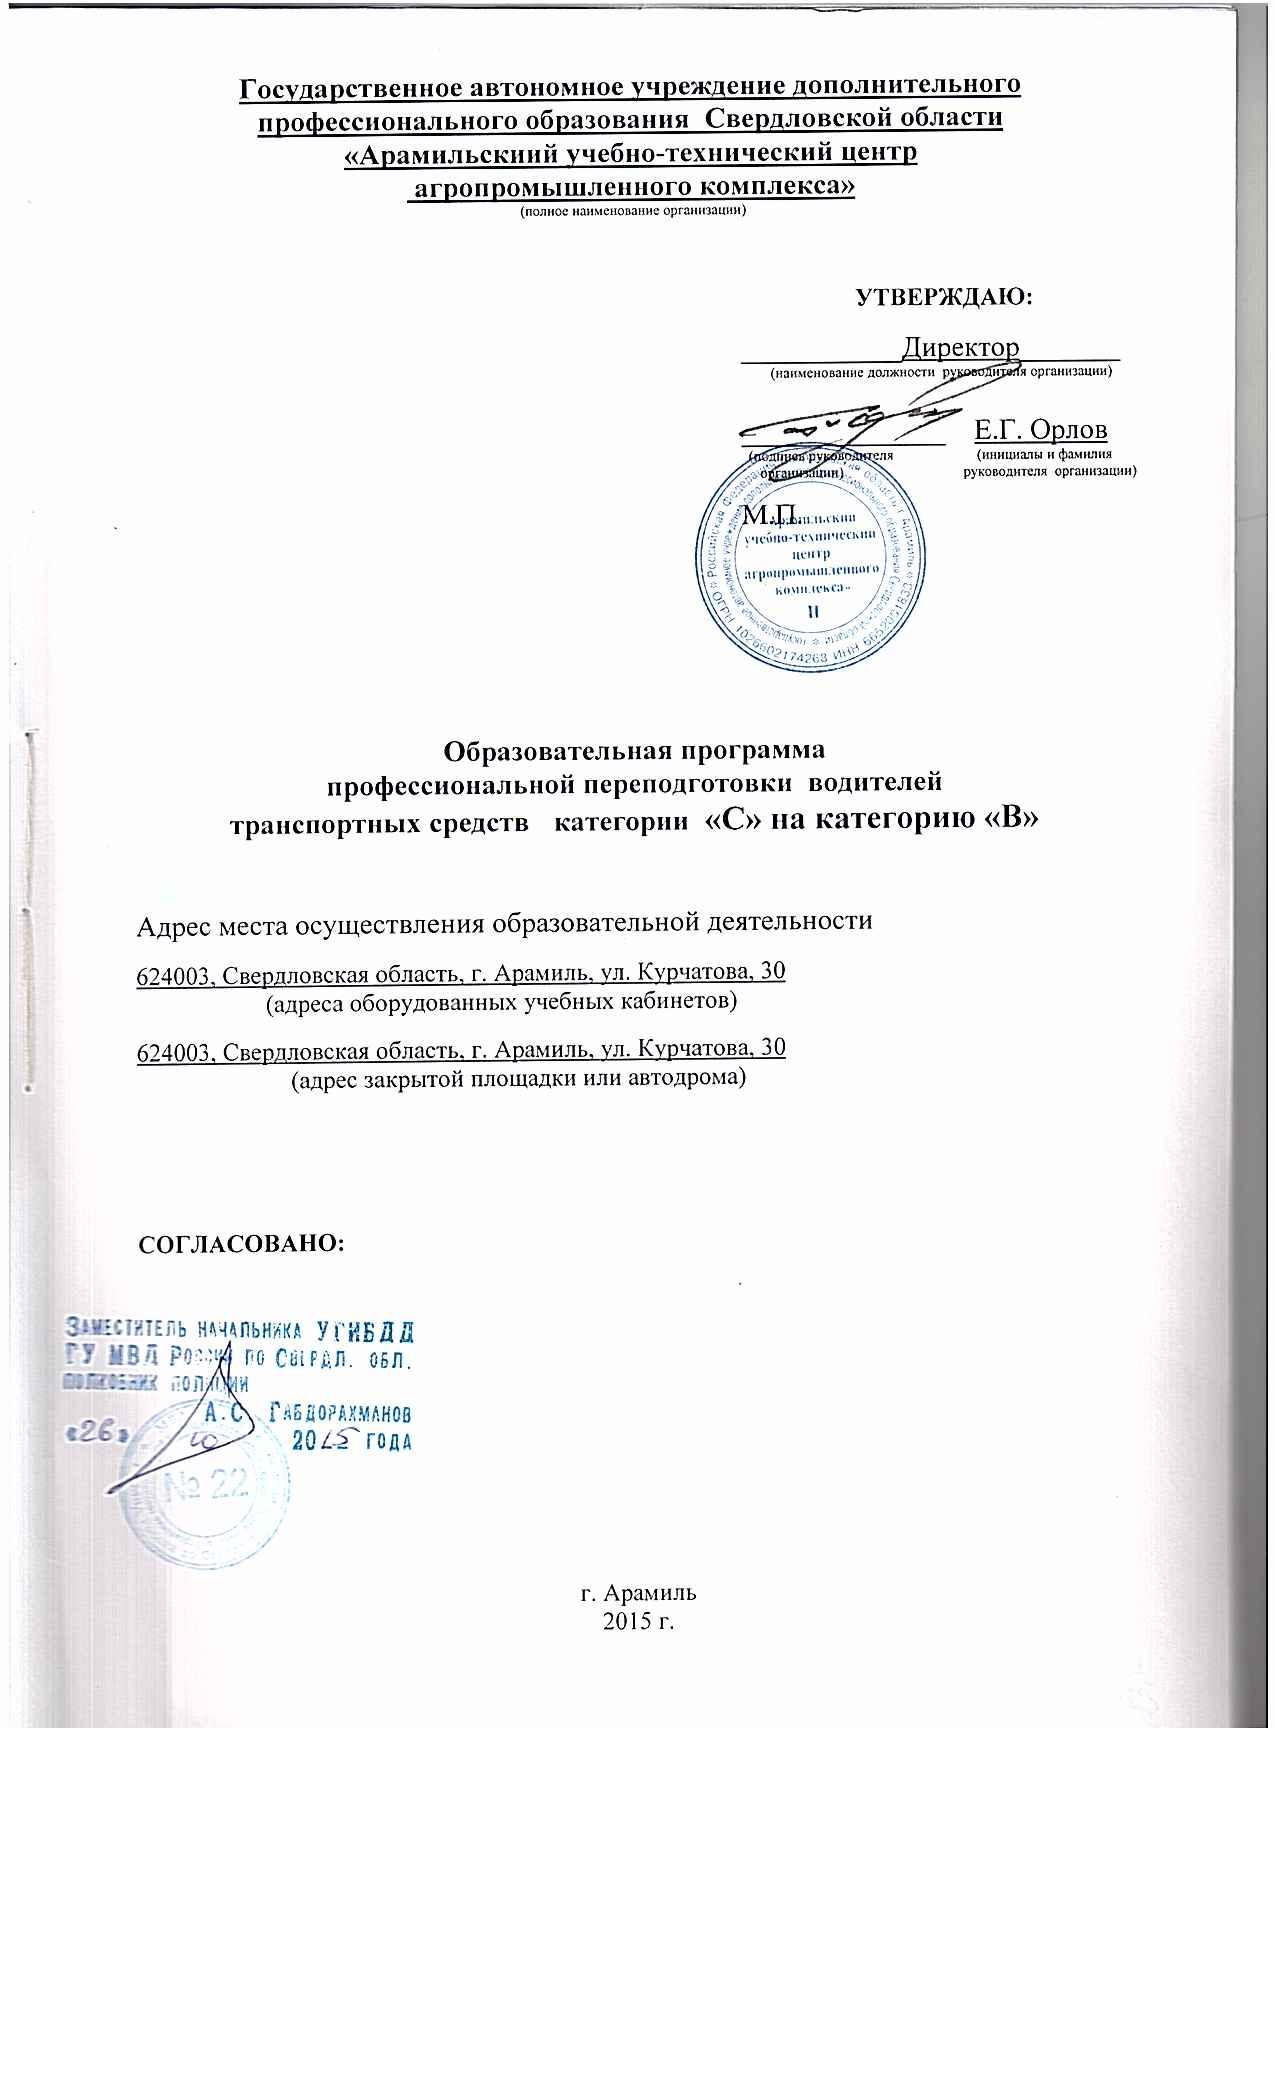 aktualizirovany-programmy-podgotovki-professionalnyh-voditelej-2